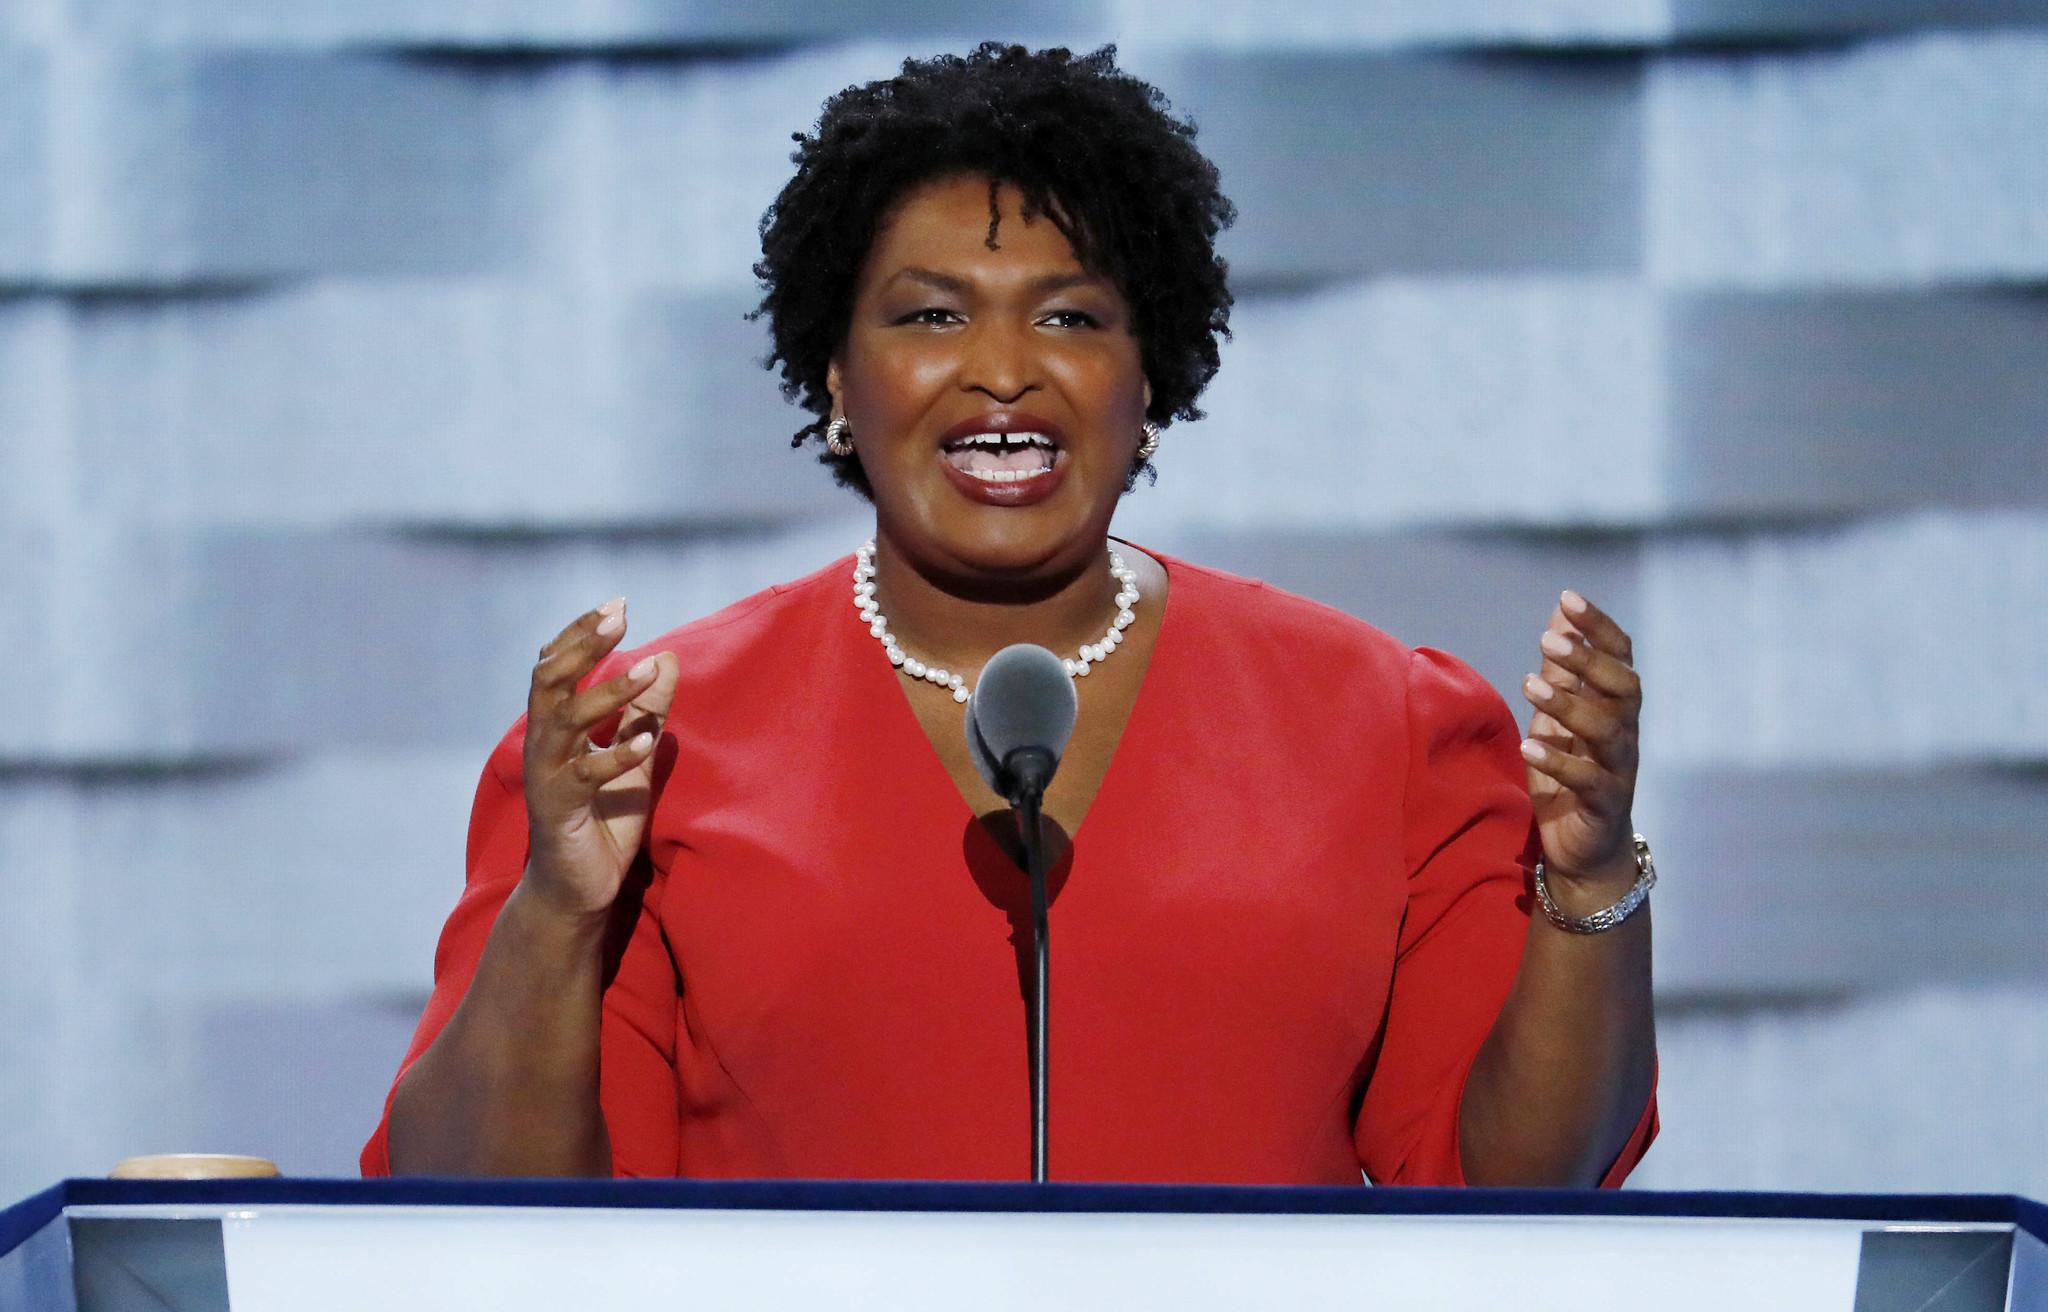 Report: Black Women Underrepresented In Elected Offices